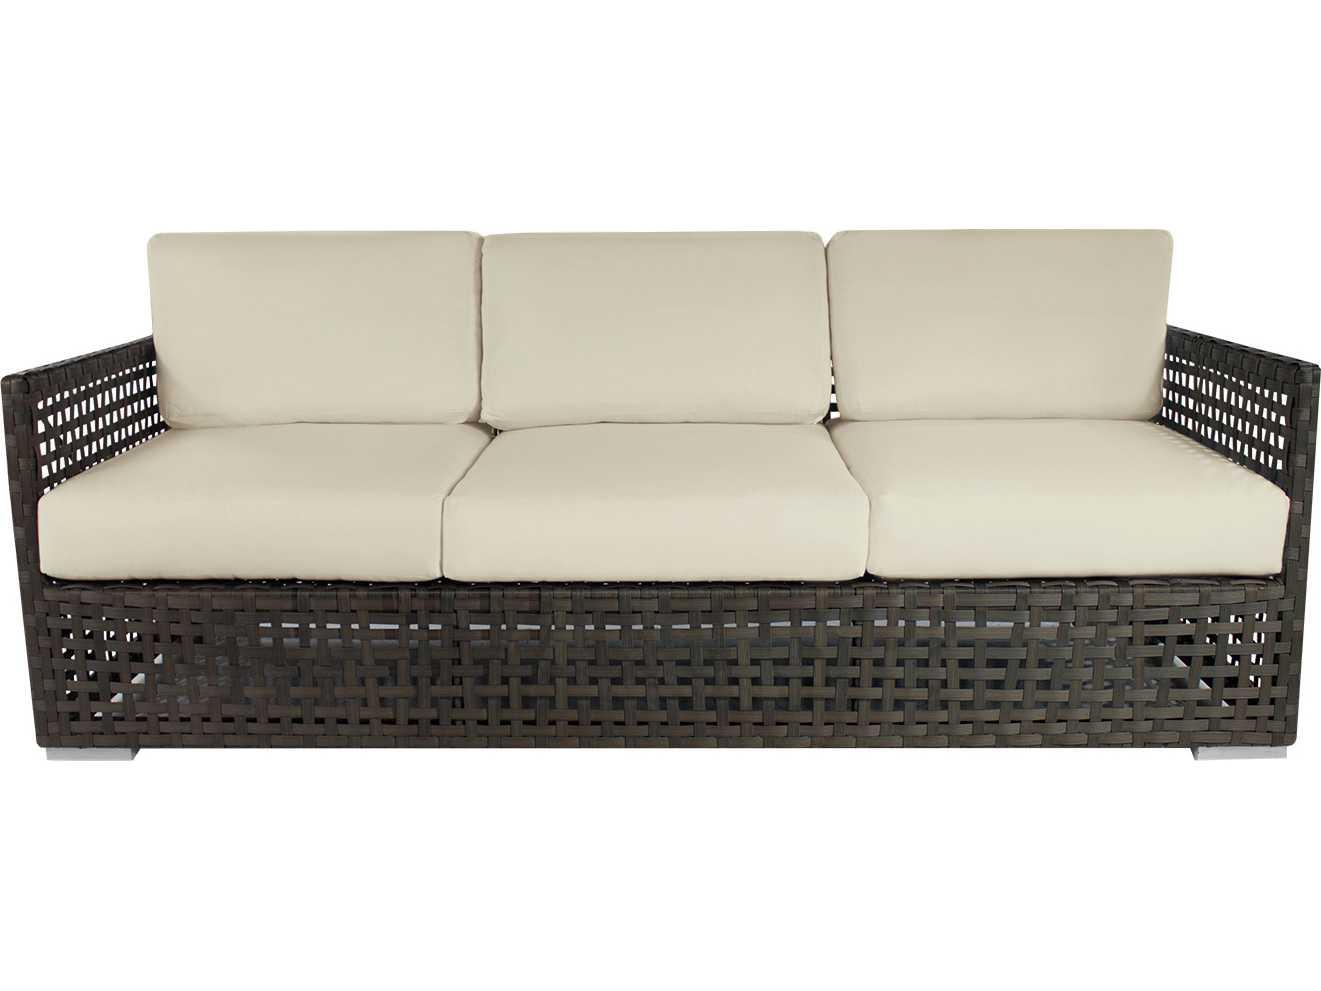 replacement garden sofa cushions studio day world market reviews source outdoor furniture matterhorn